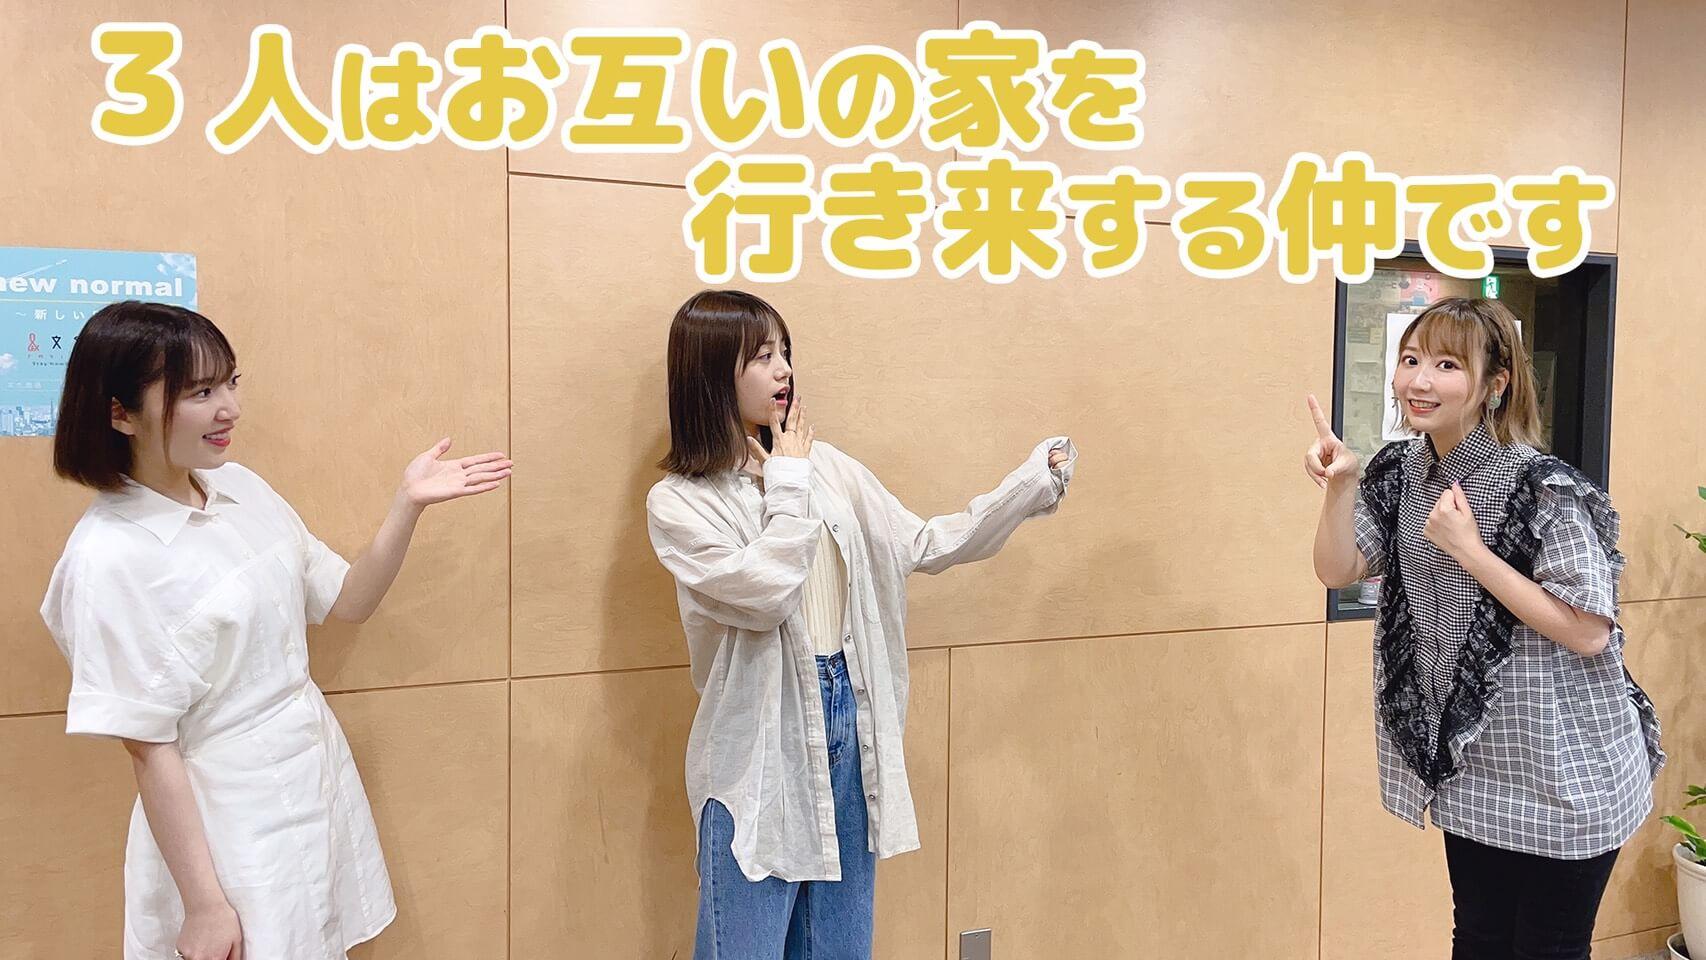 【夏川椎菜】3人はお互いの家を行き来する仲です